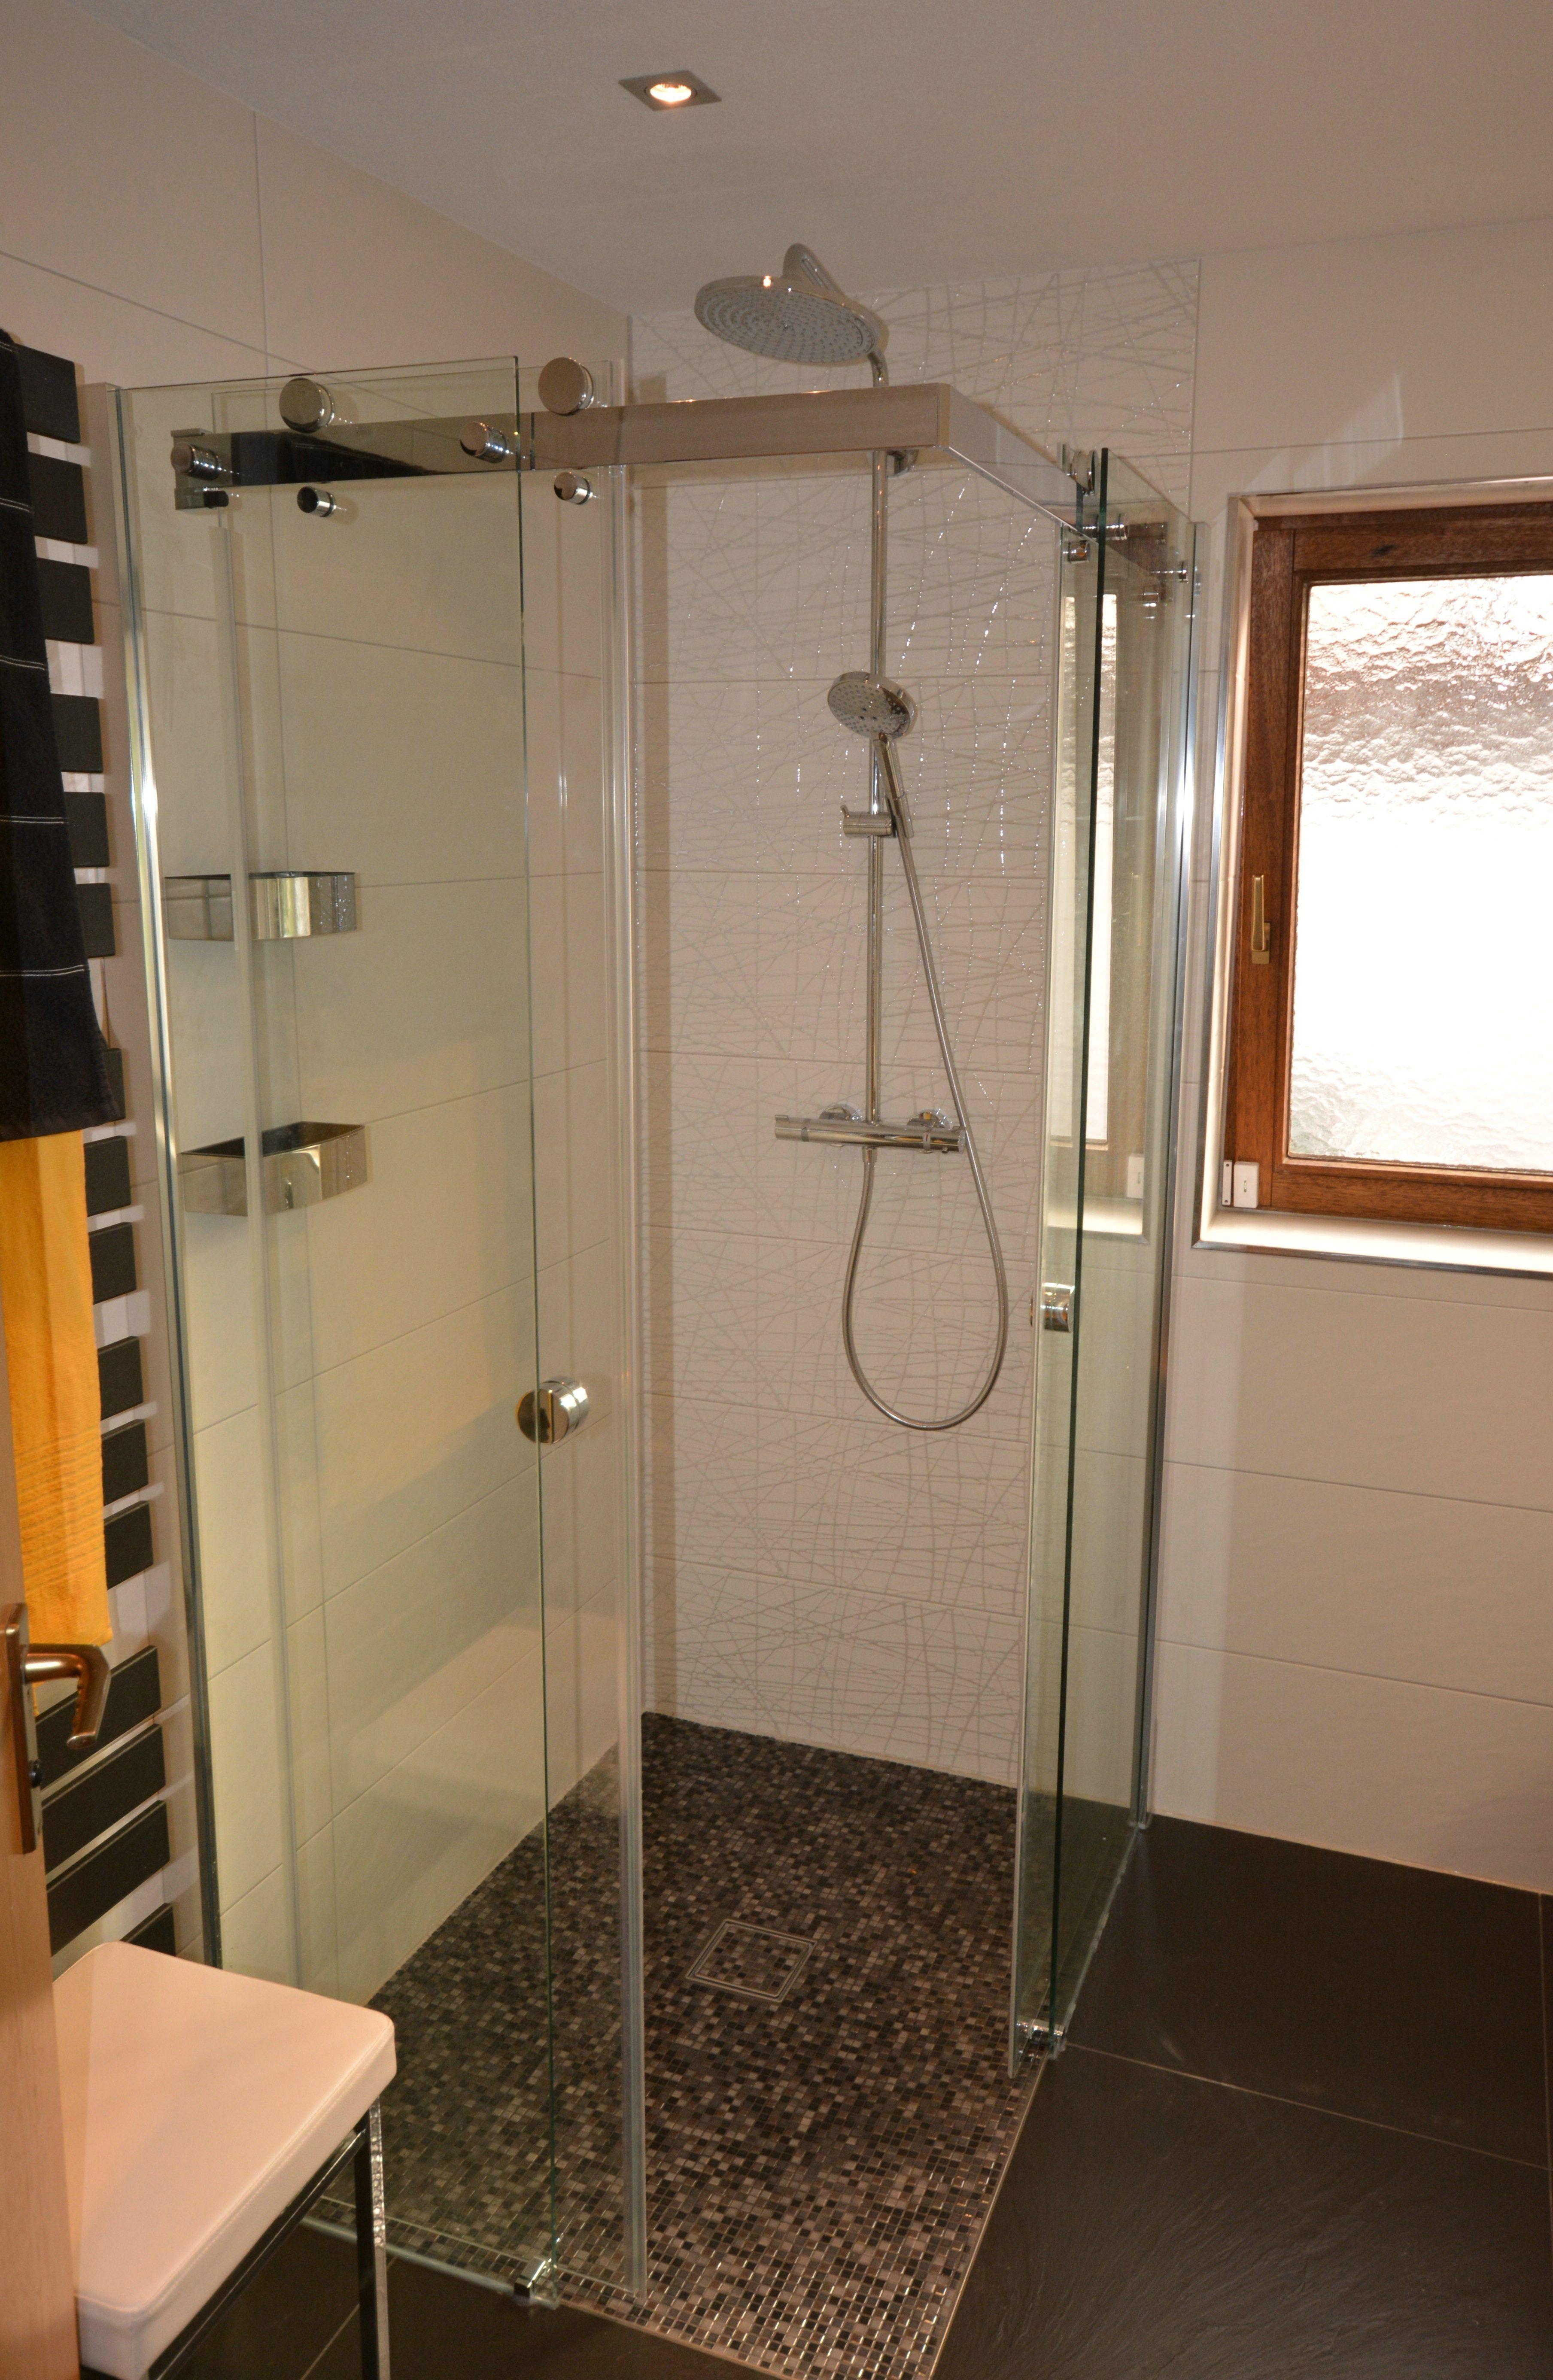 Kleines Bad Mit Dusche Und Wc 82061 Munchen Neuried Ebenerdige Dusche Kleines Bad Mit Dusche Wc Mit Dusche